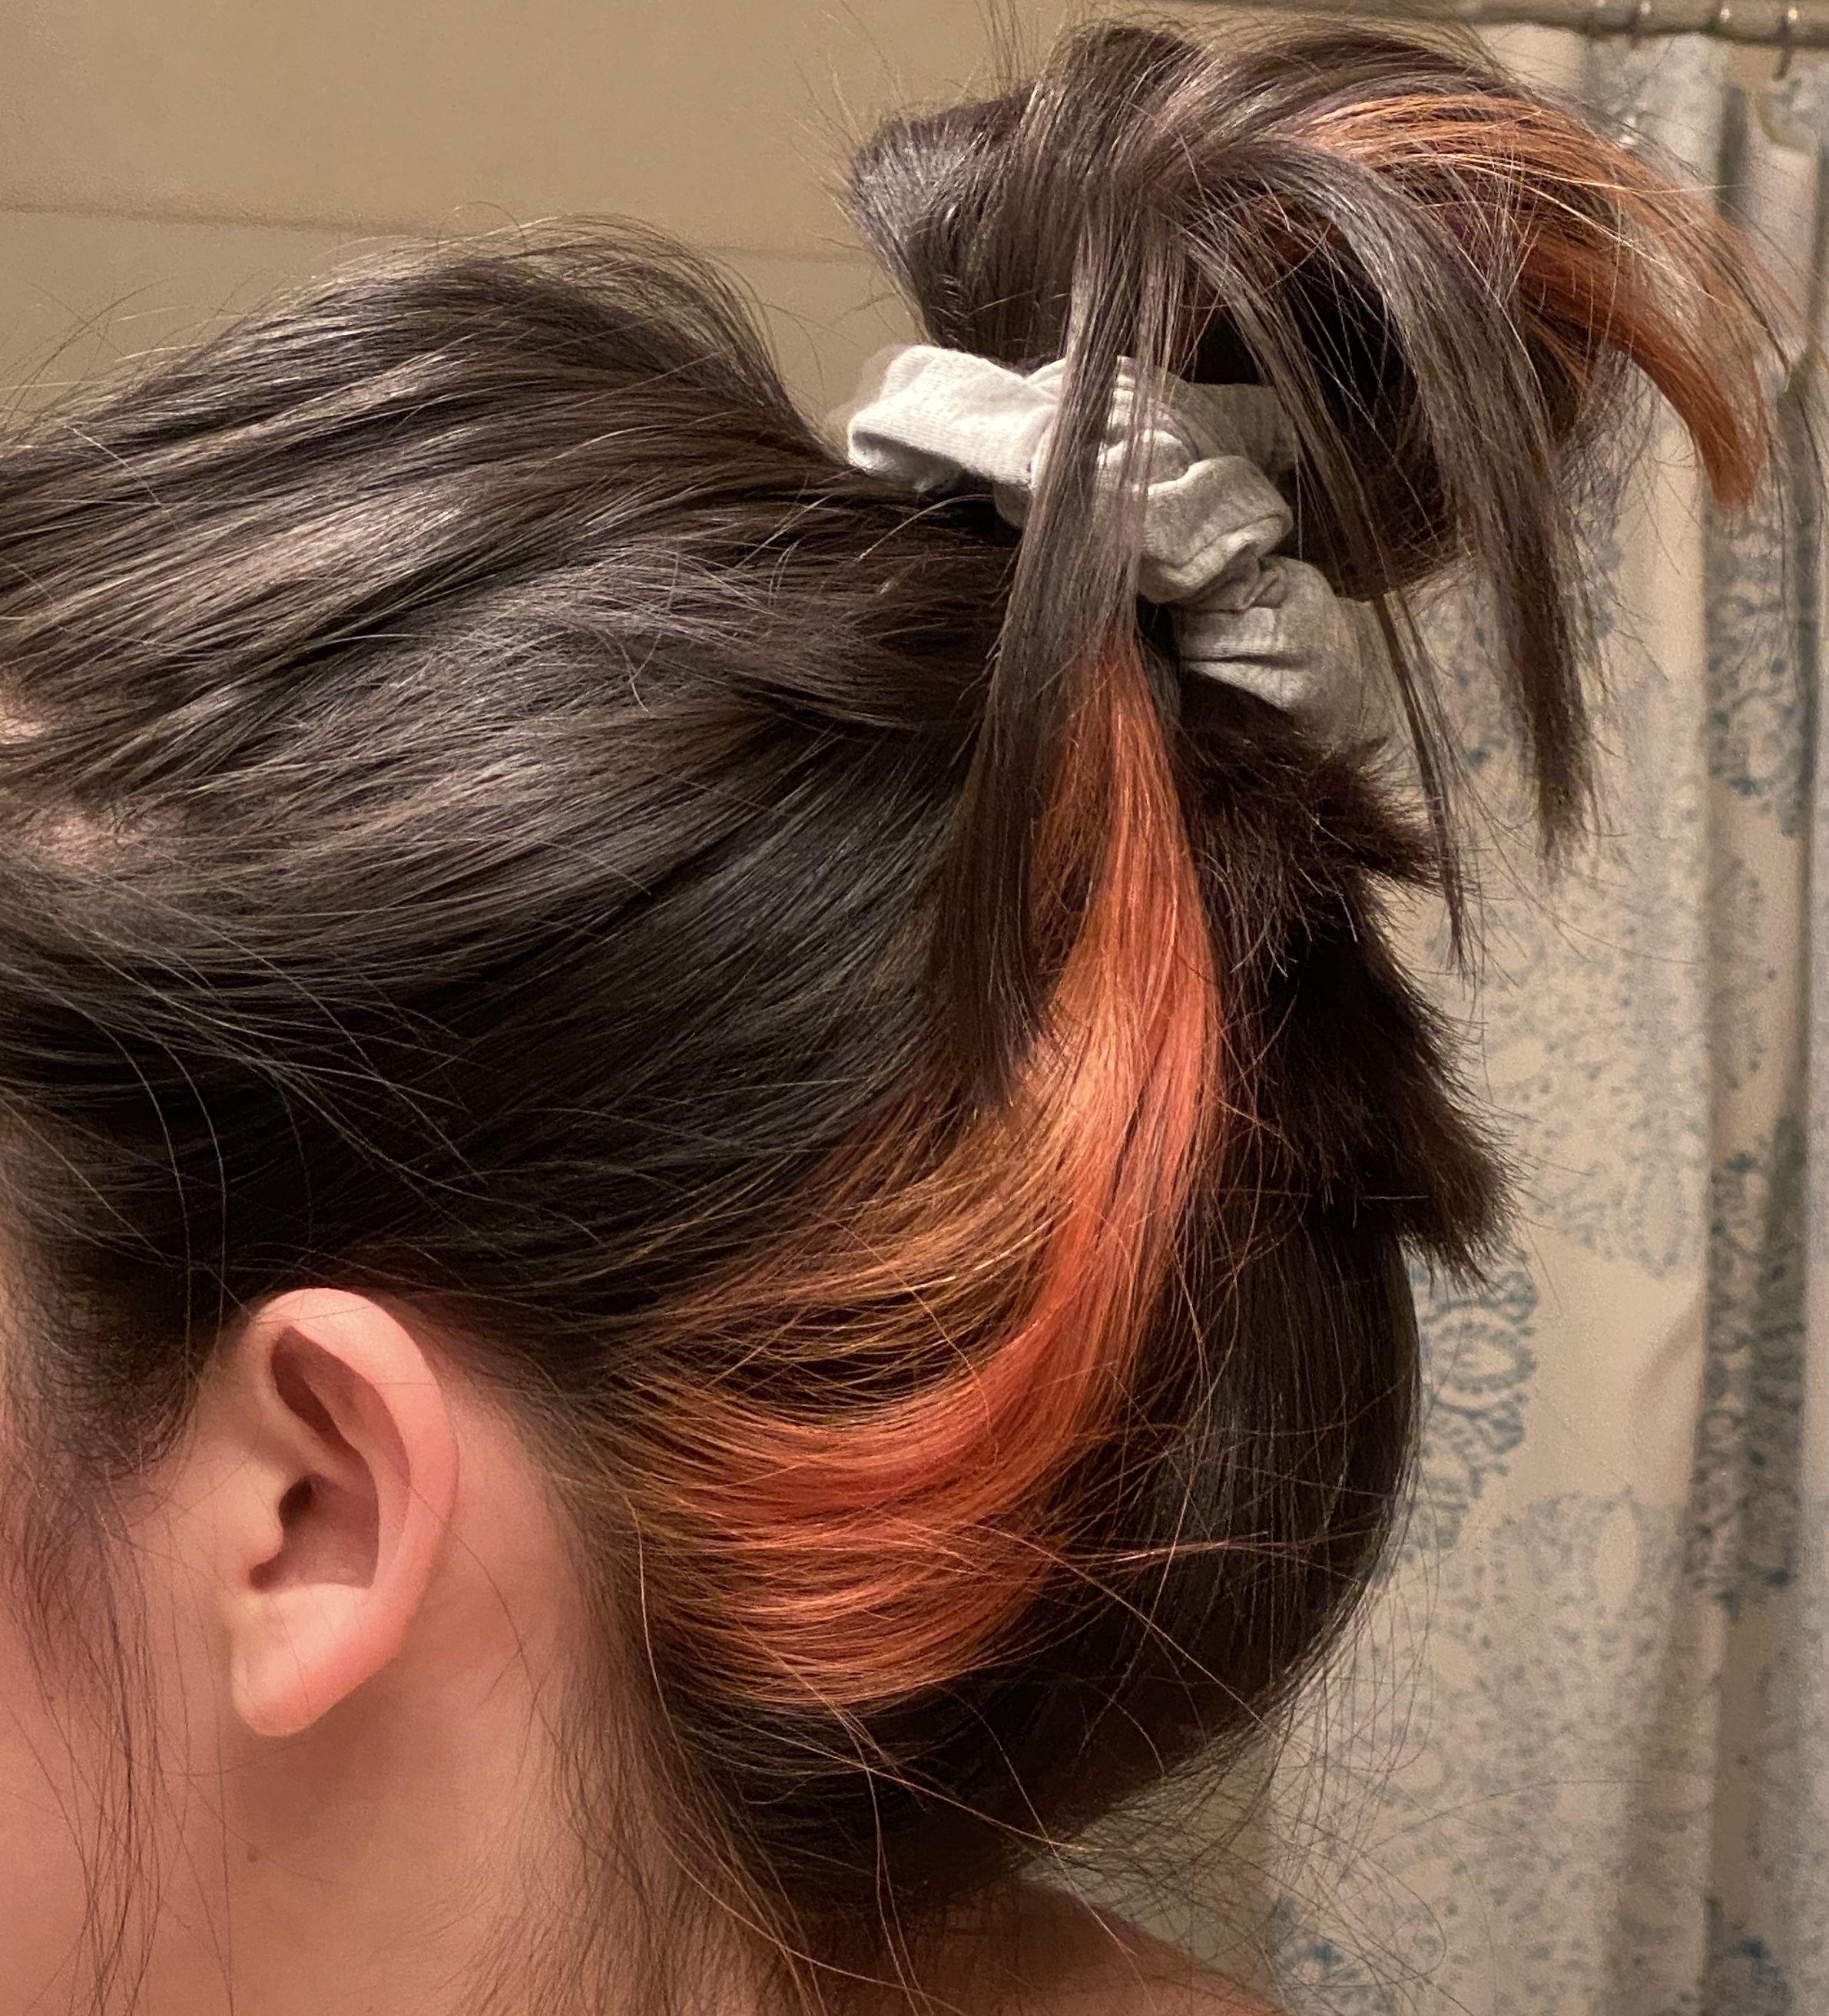 Color Streak In Hair In 2020 Hair Streaks Hair Color Streaks Pink Hair Streaks